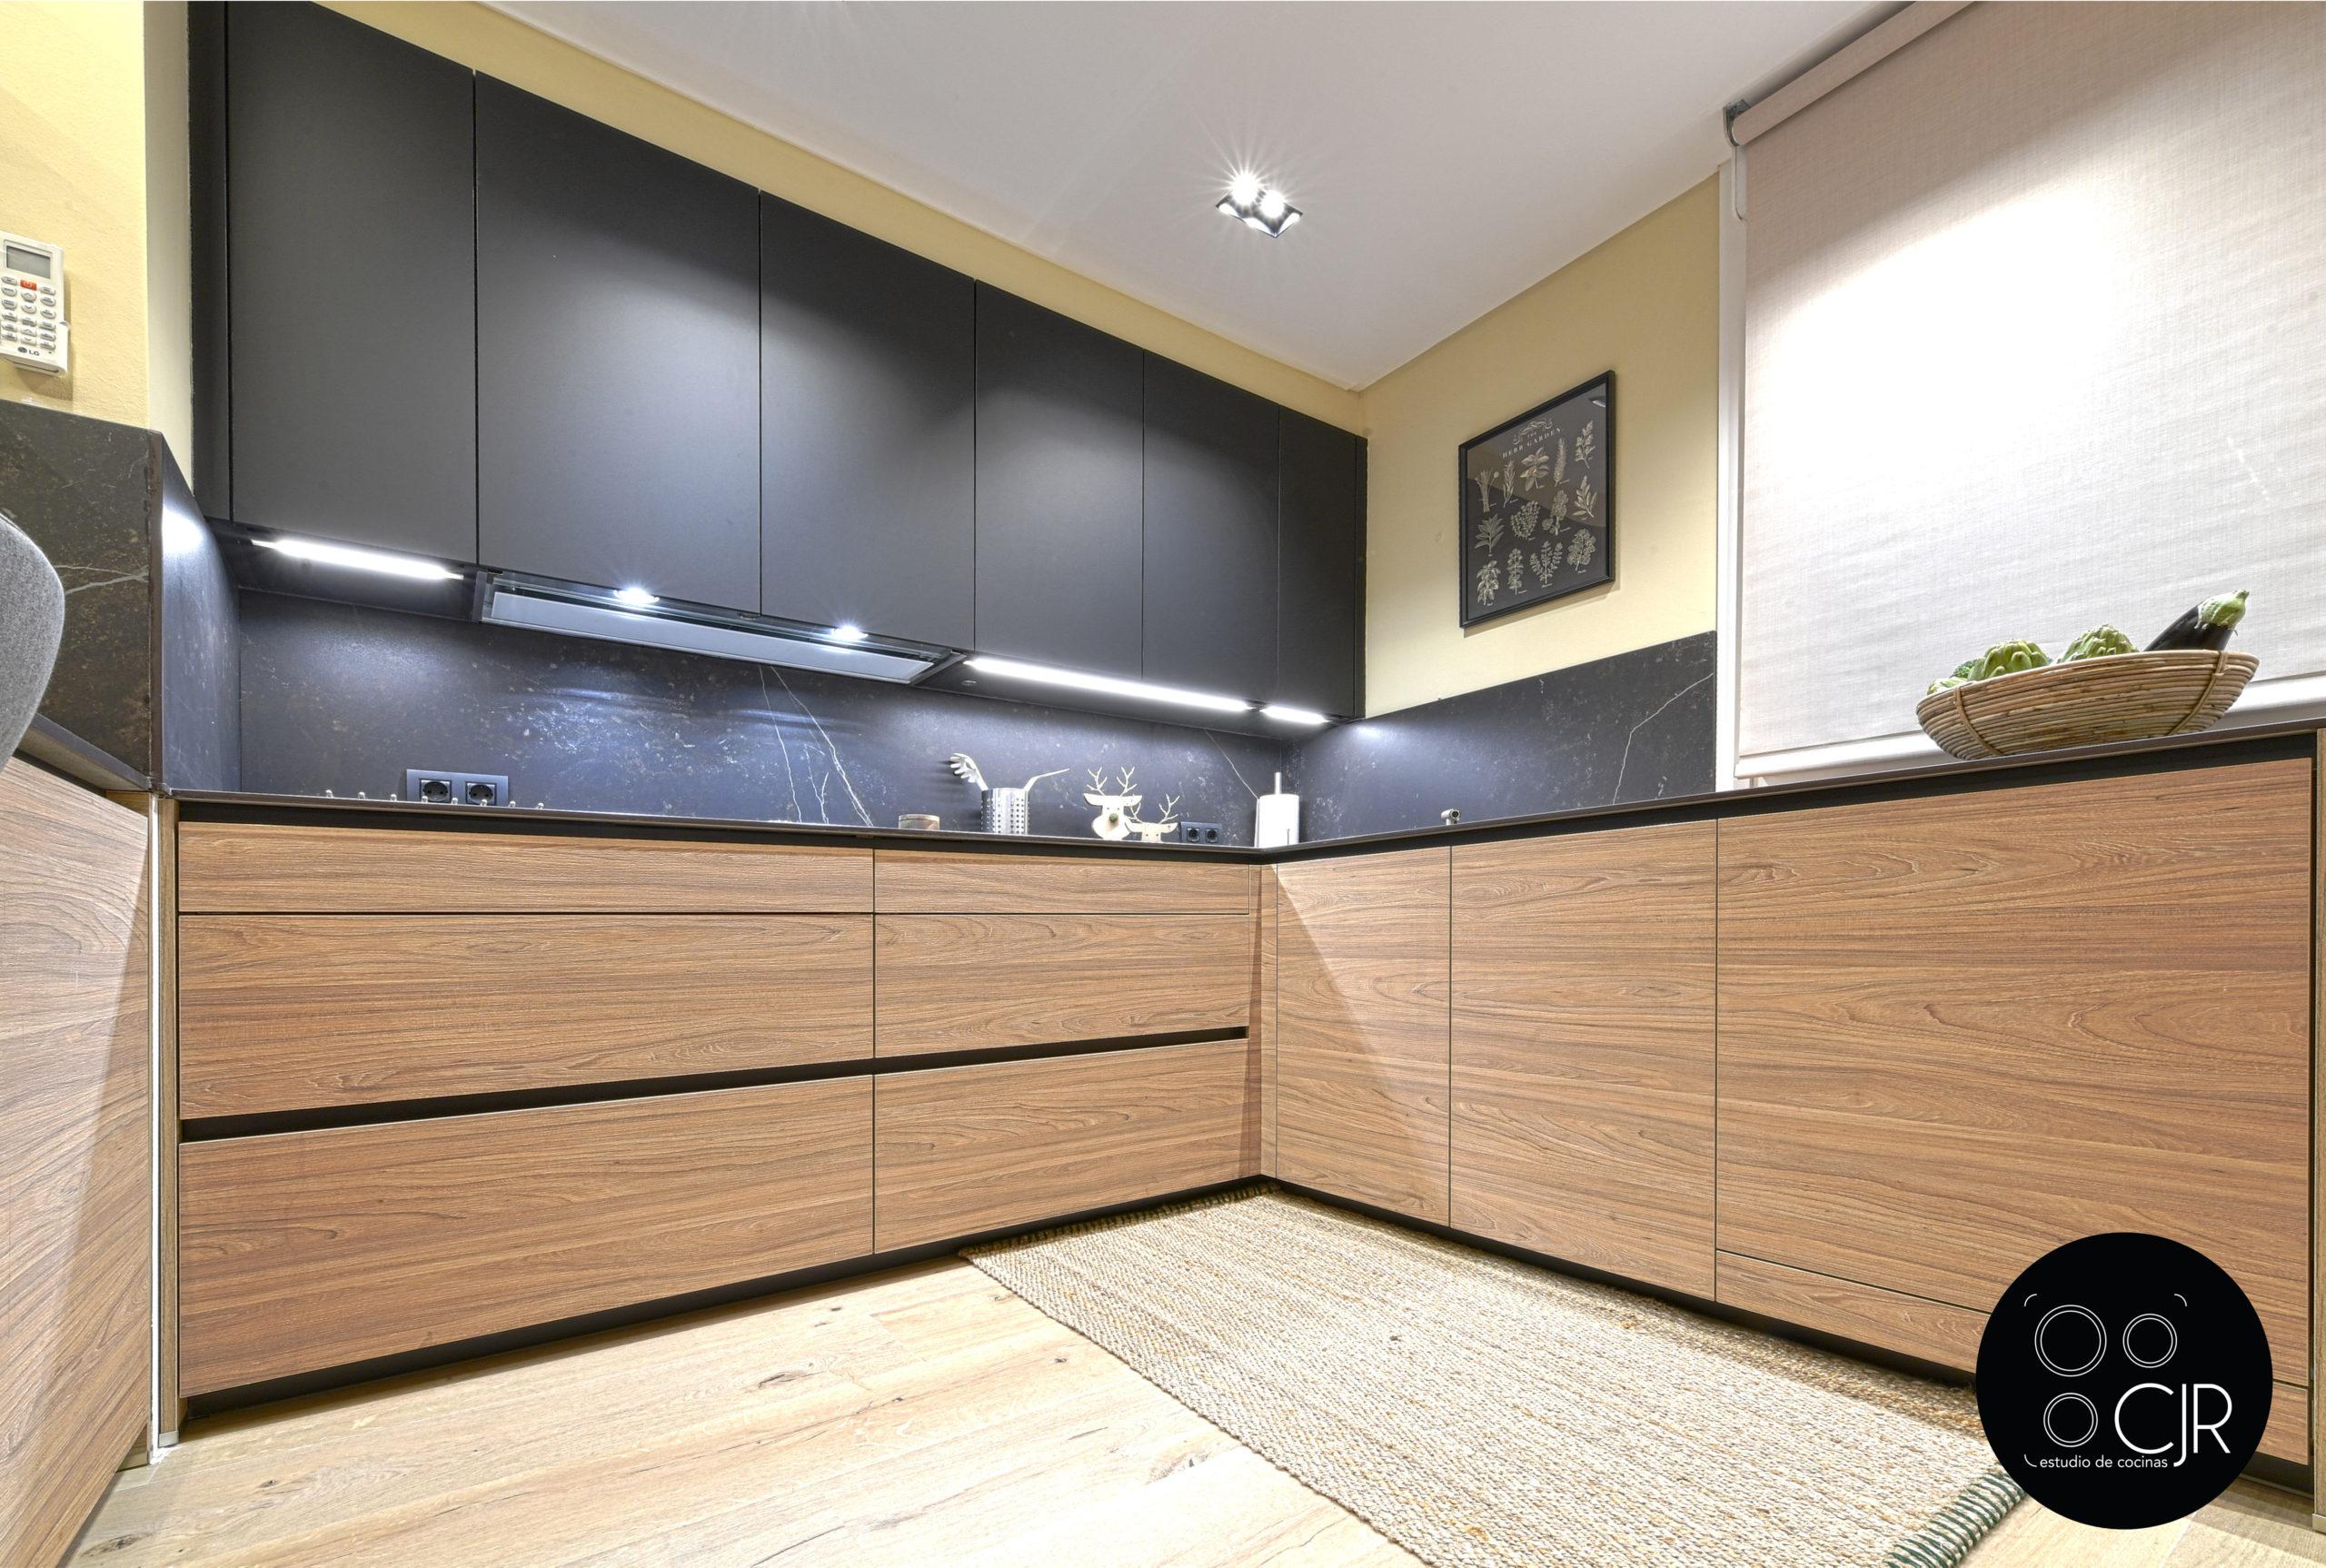 Angulo inferior de la cocina moderna negra y madera